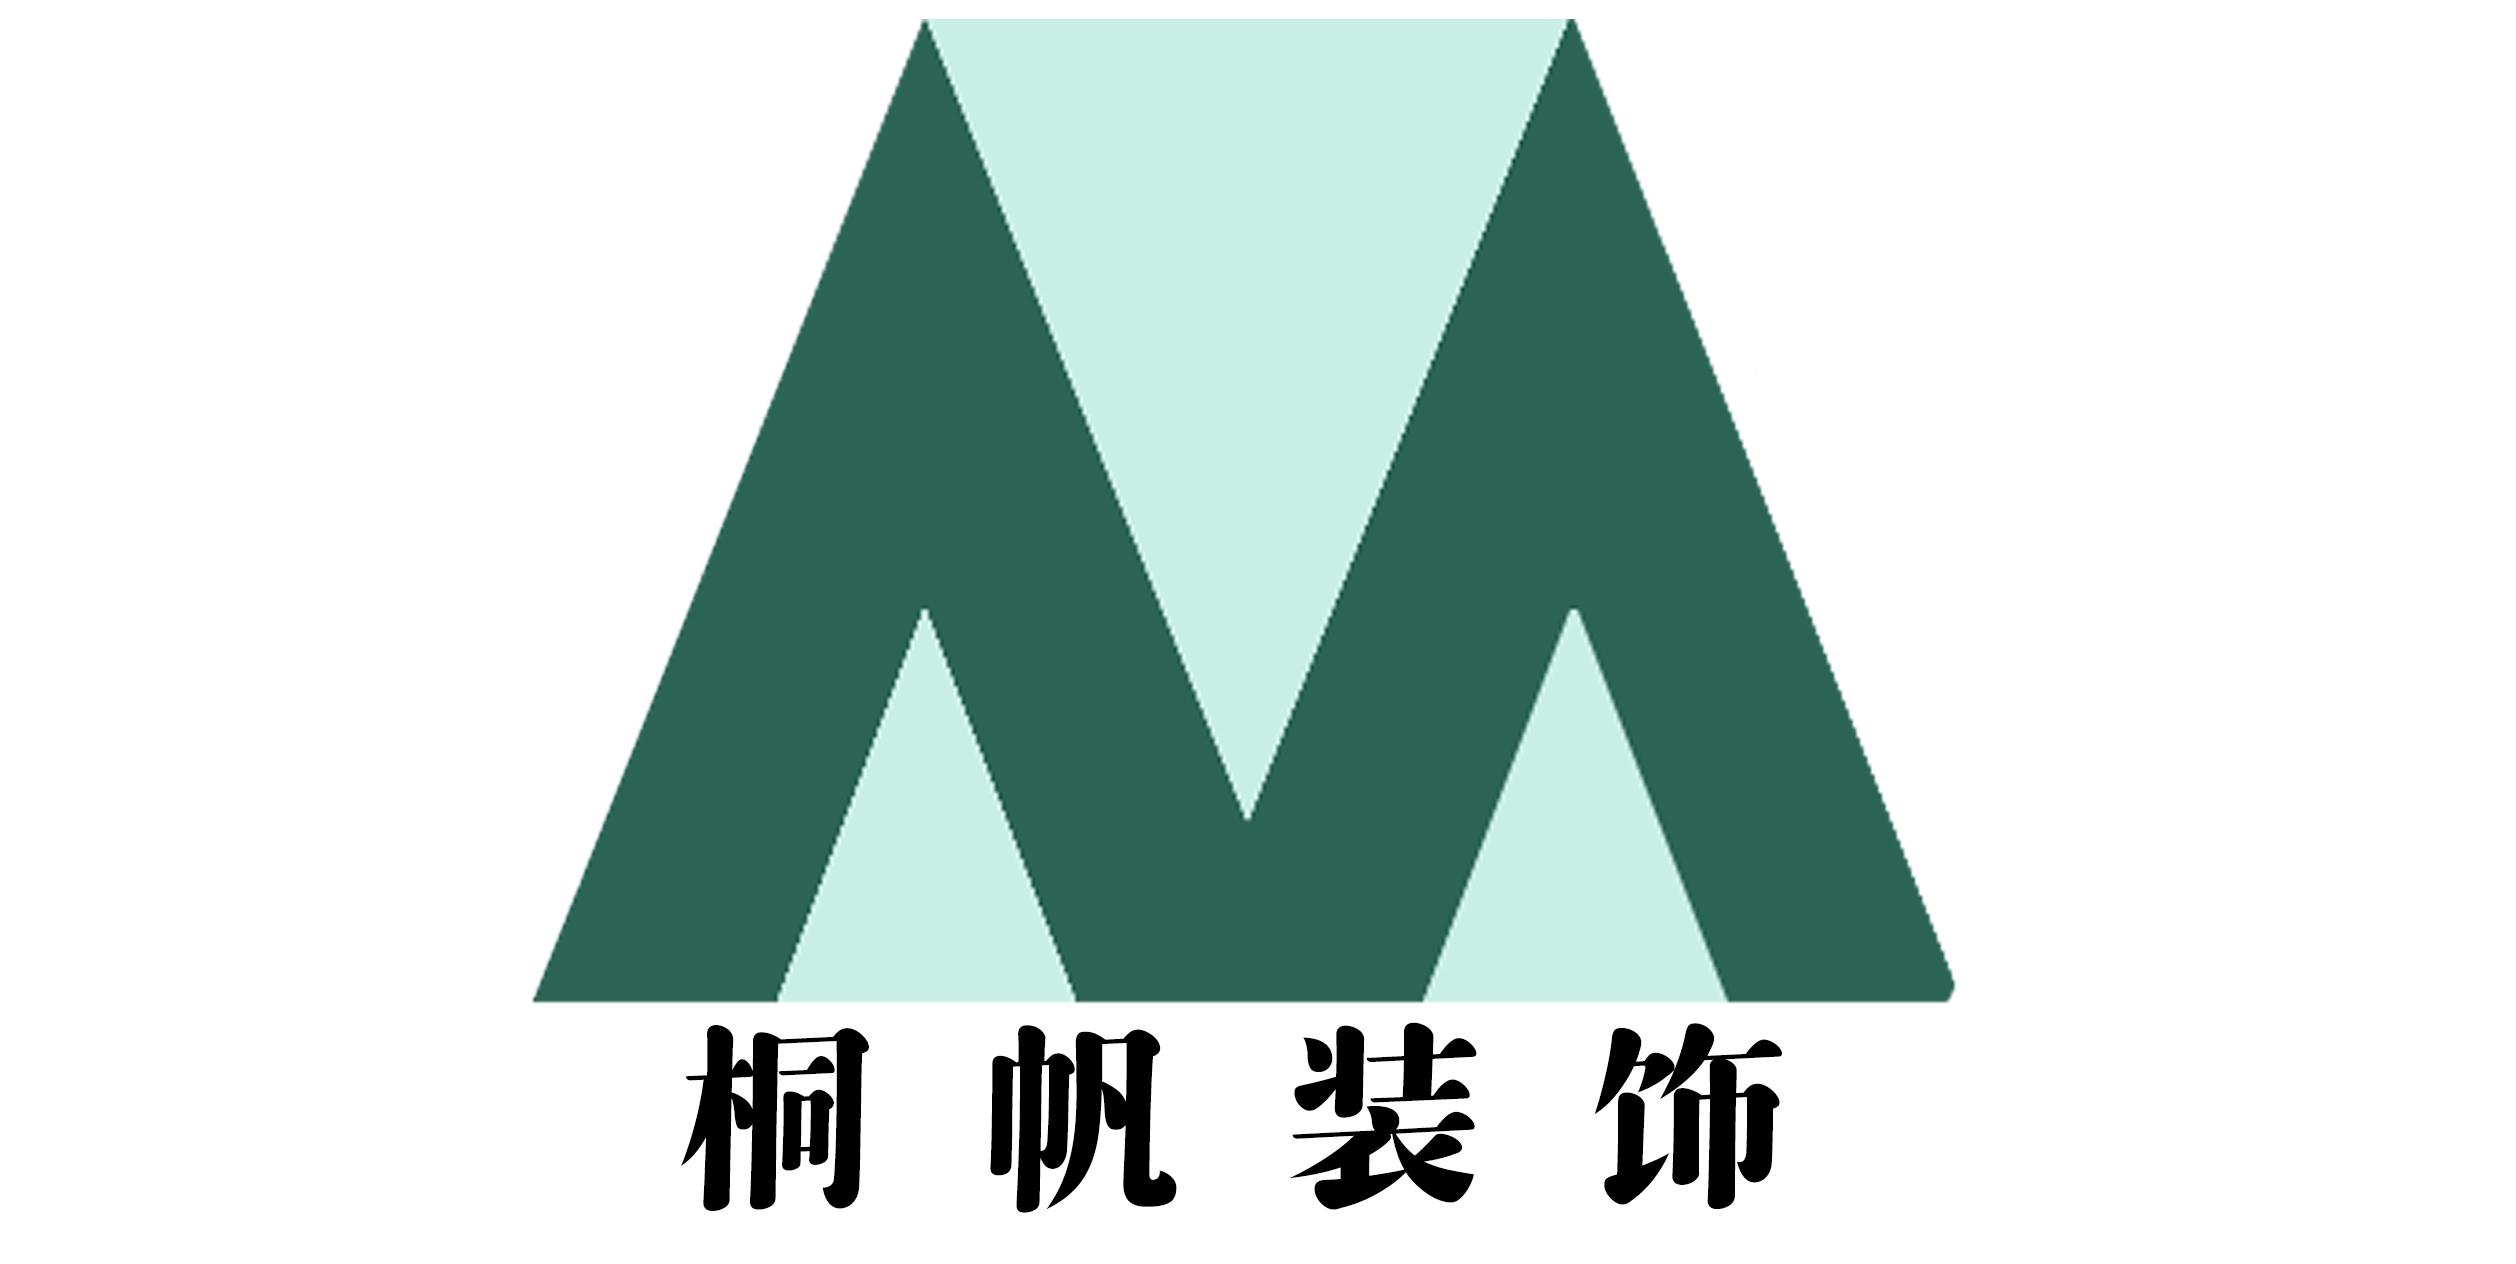 山东桐帆装饰工程有限公司